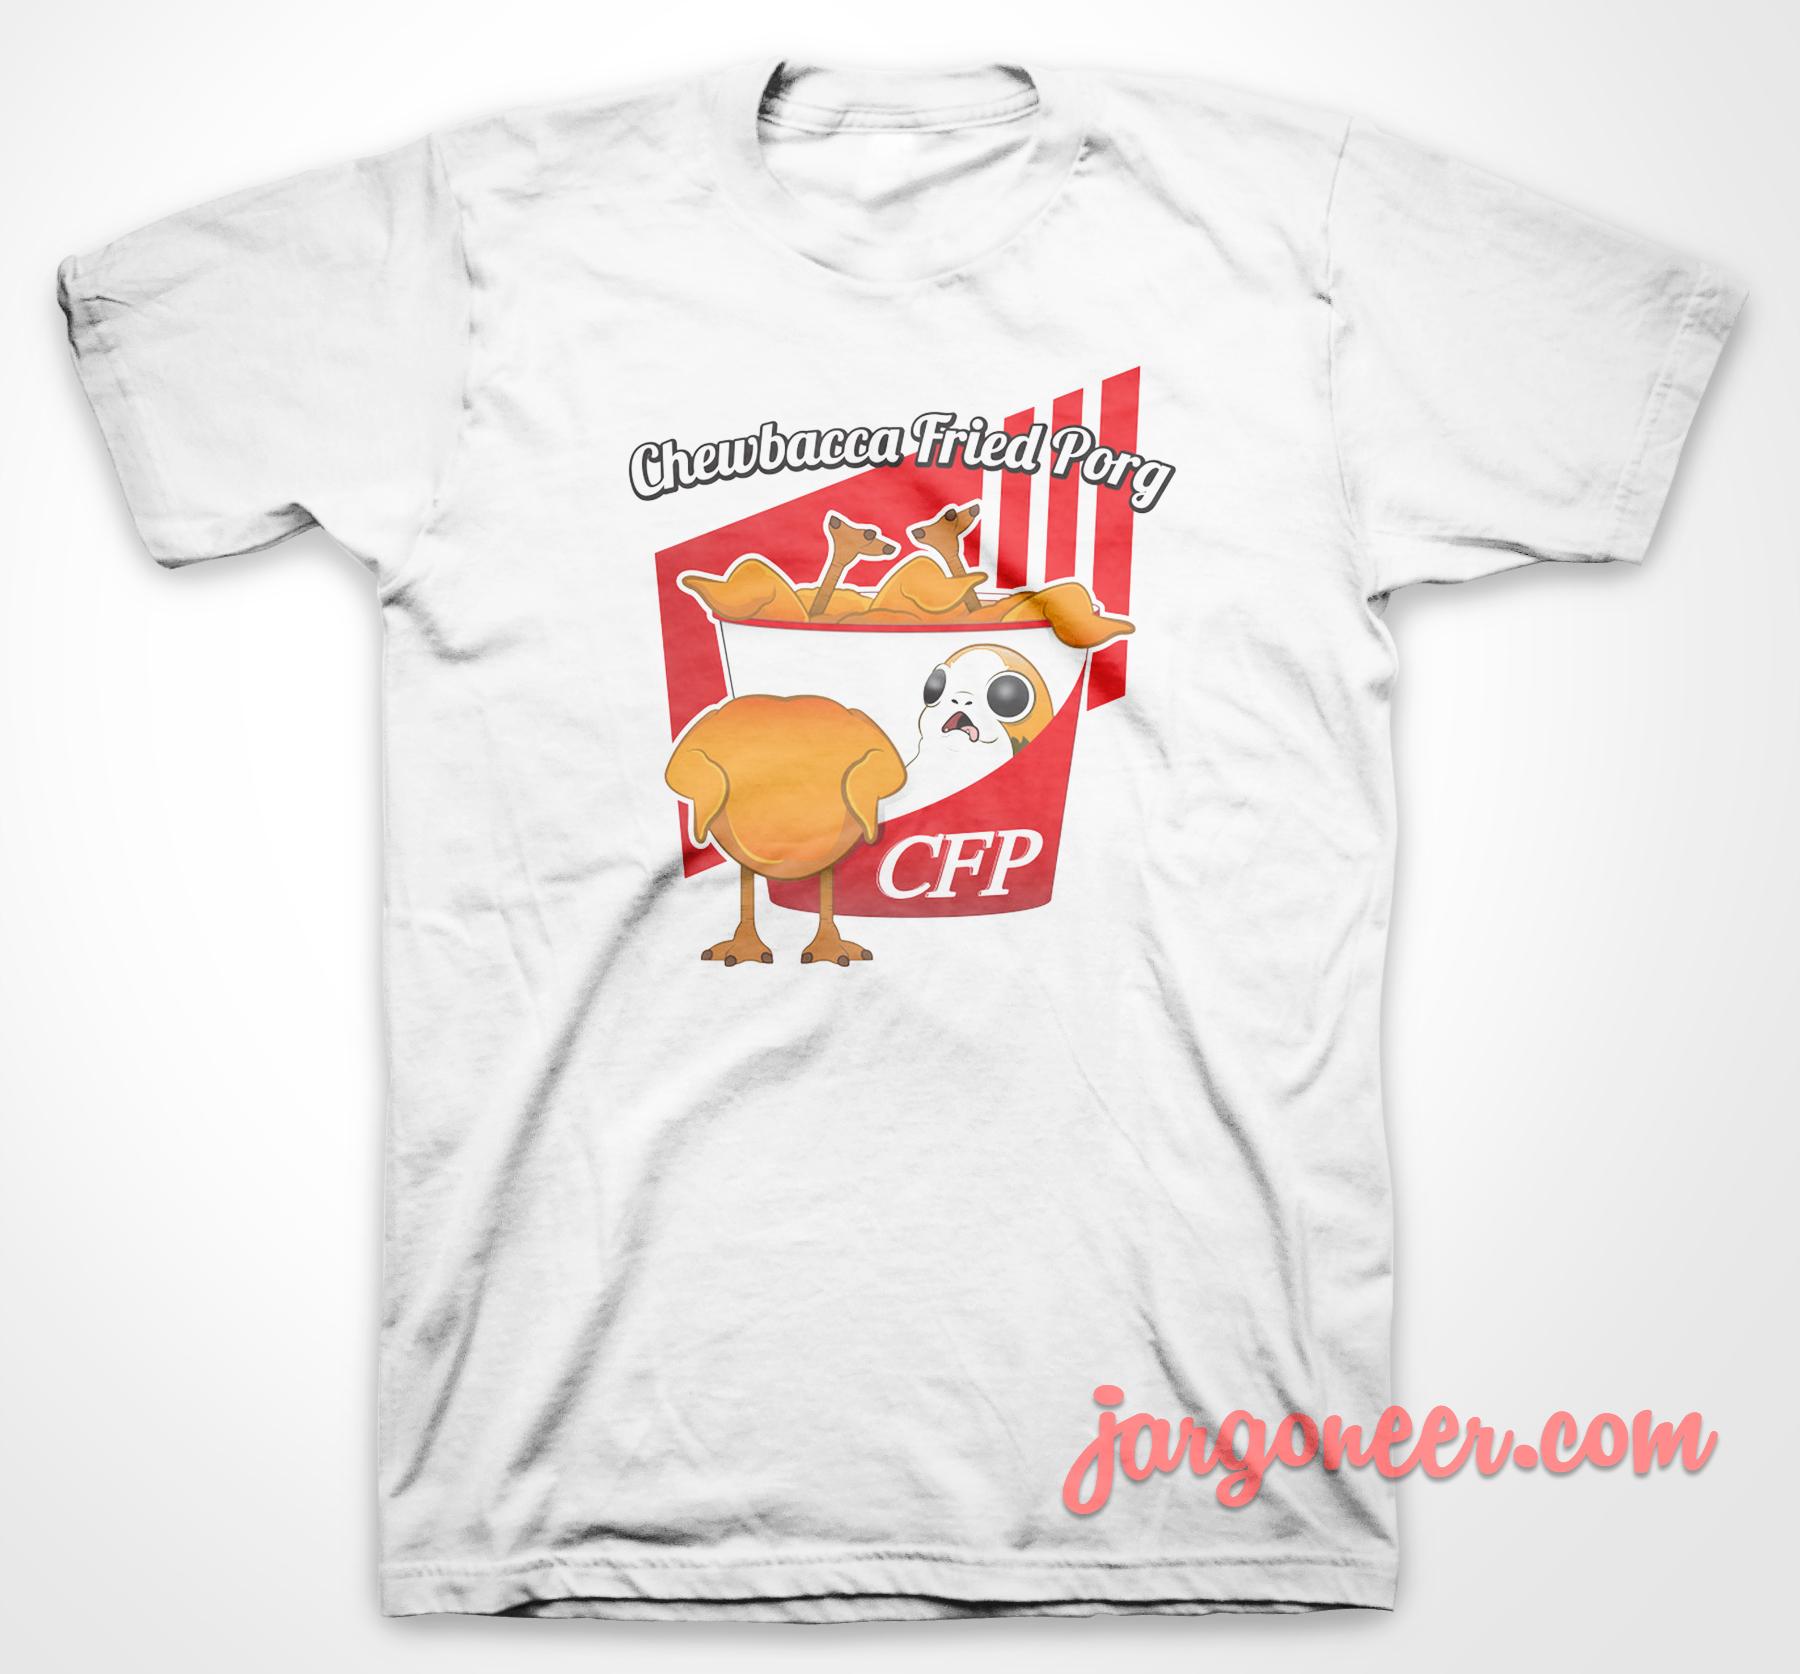 Chewbacca Fried Porg T Shirt Ideas T Shirt Shirt